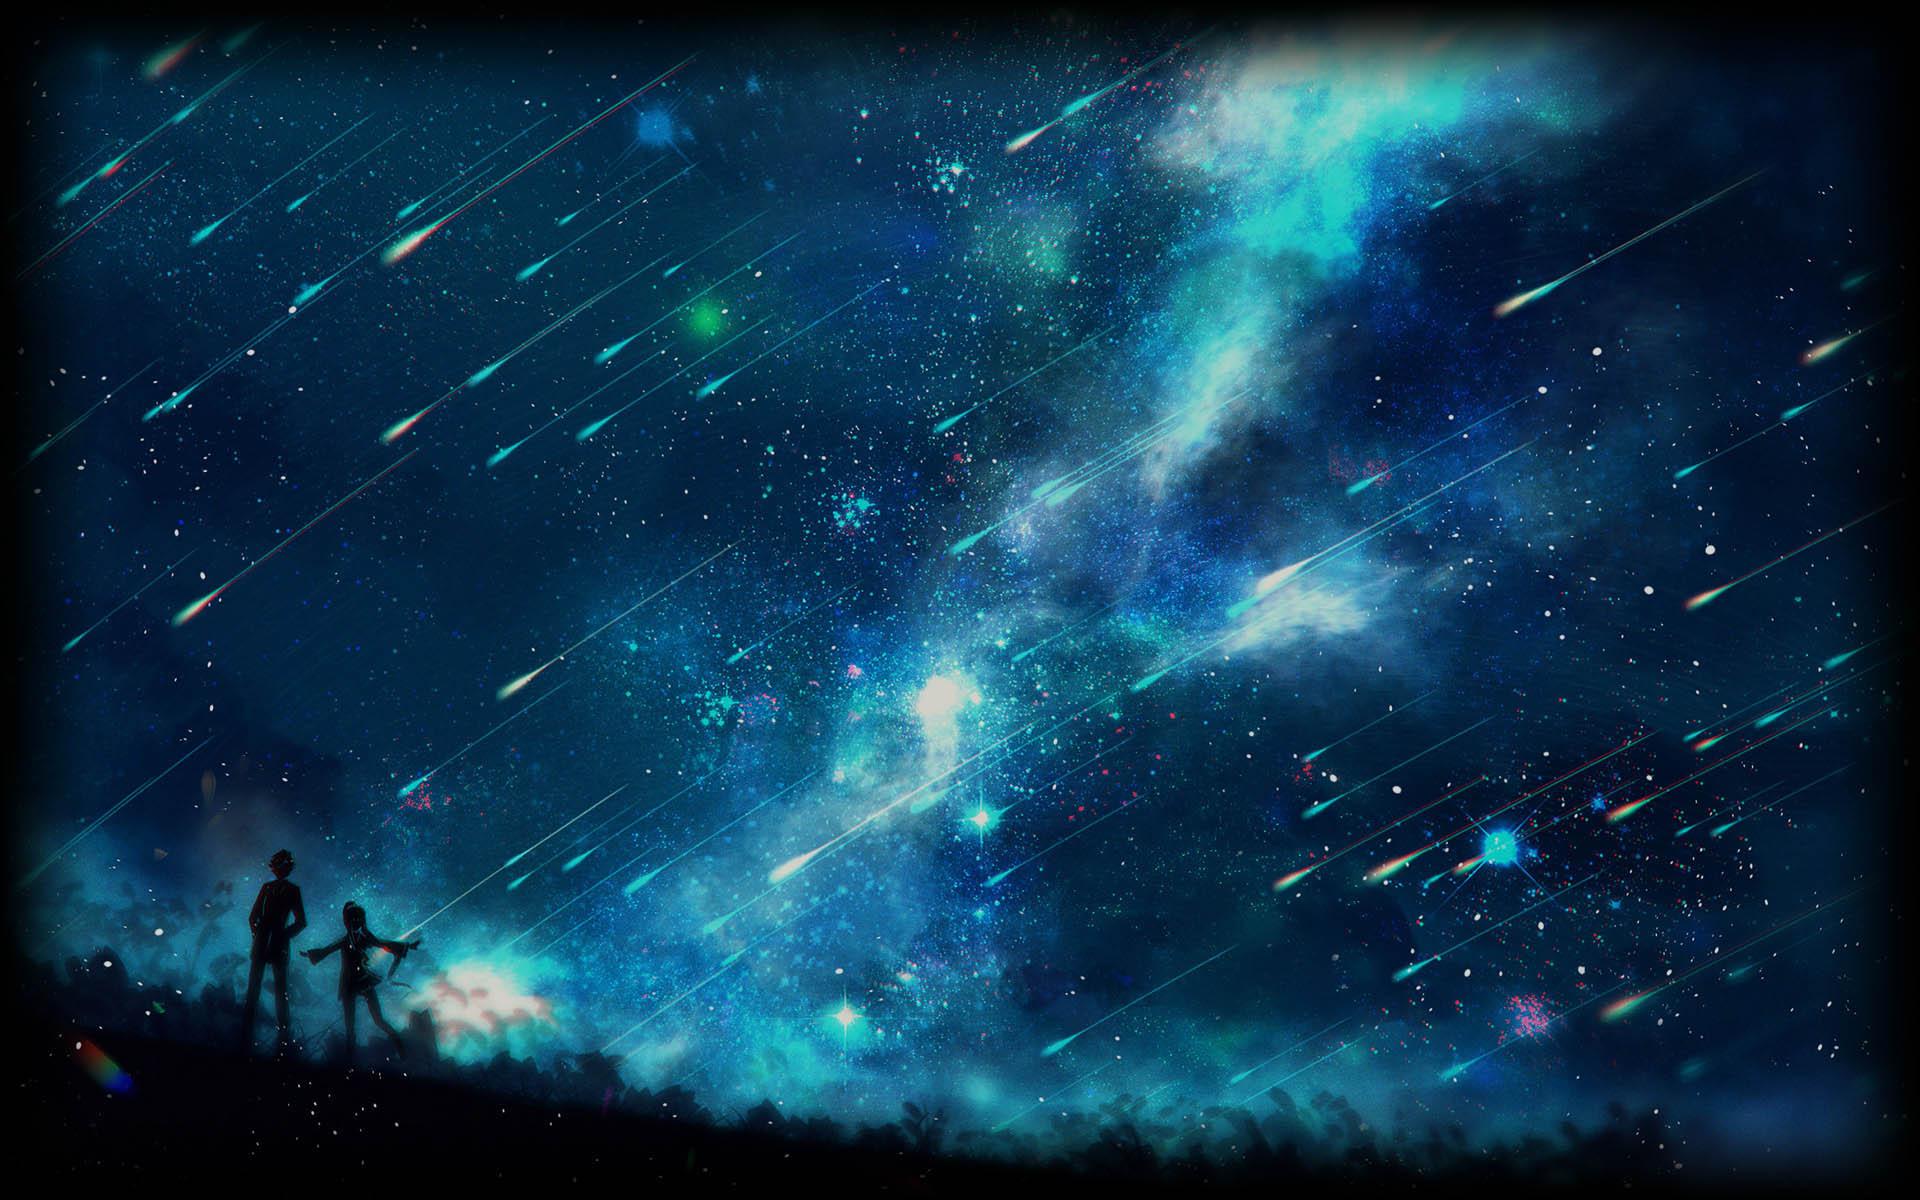 Hình nền bầu trời